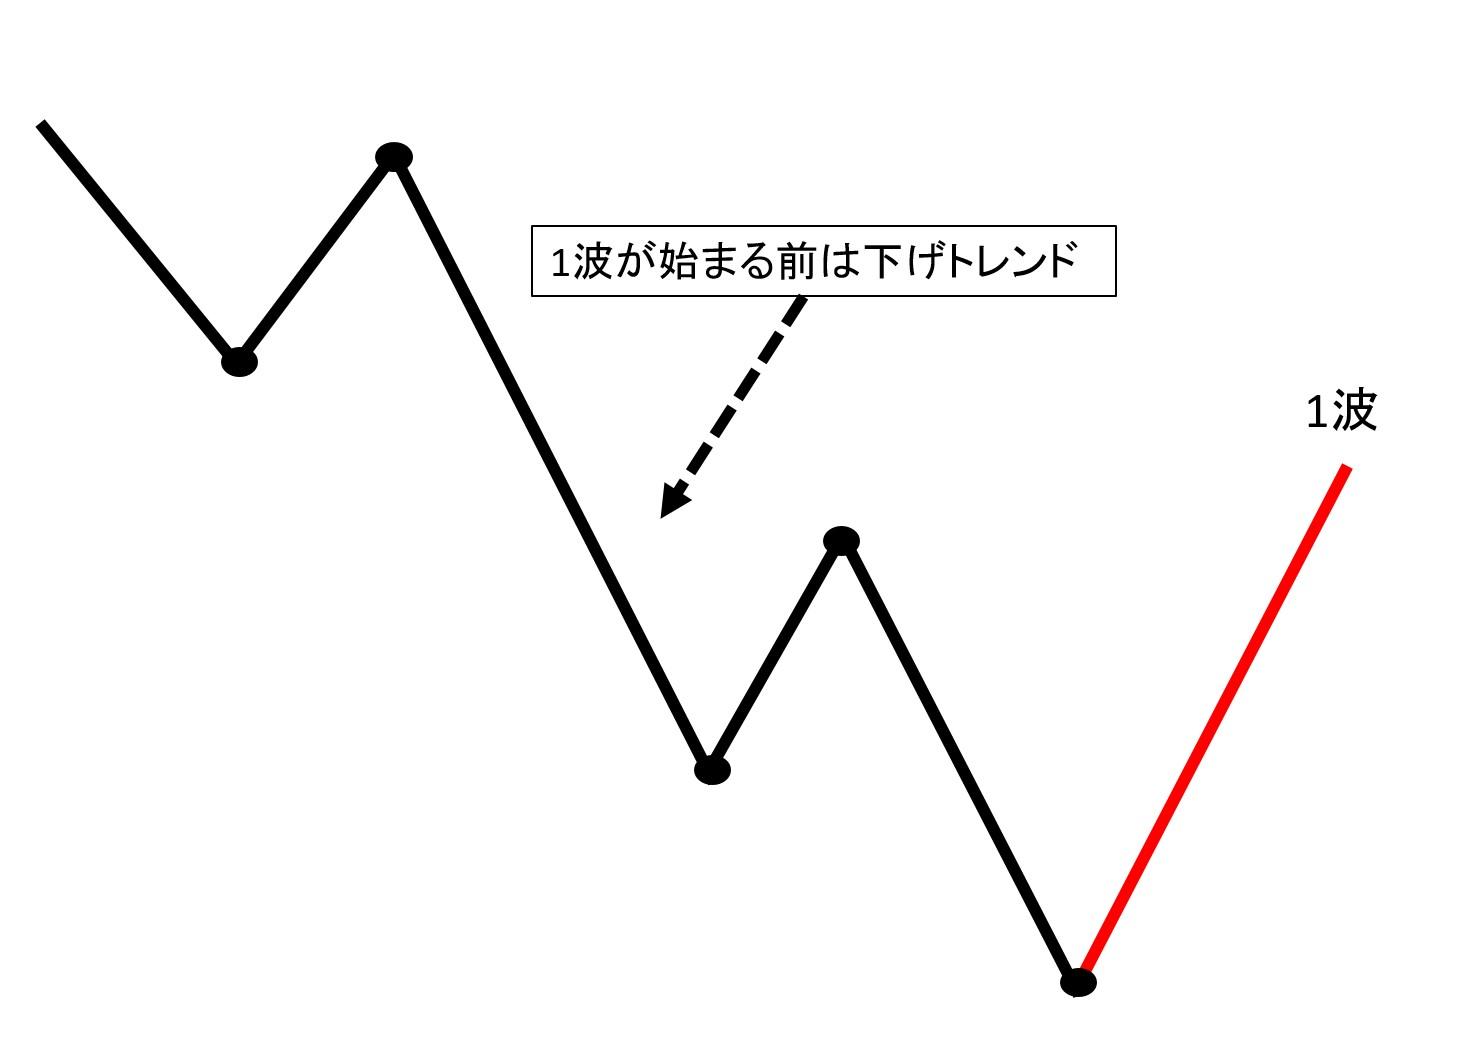 インパルスの1波